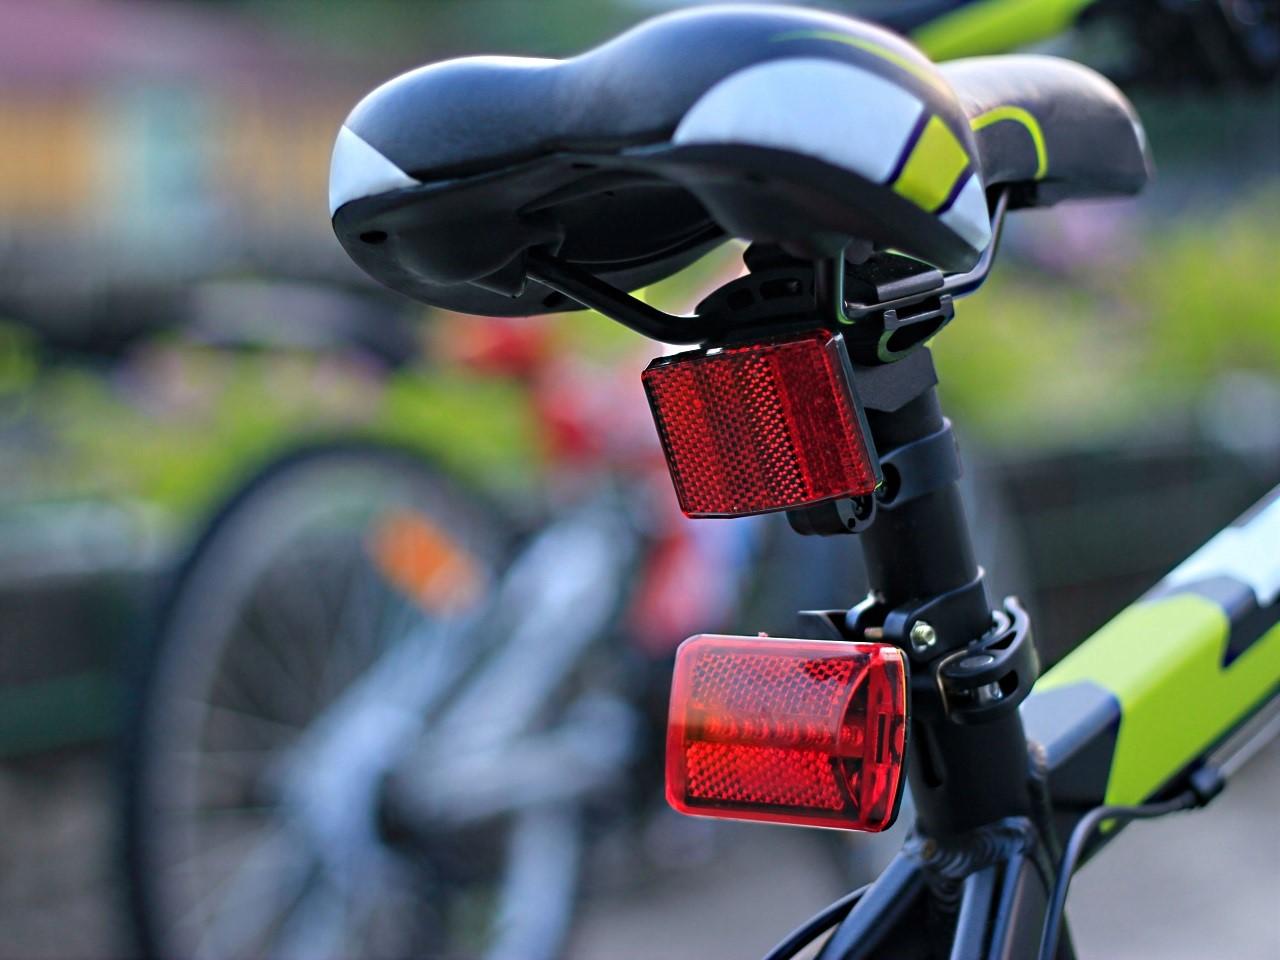 fahrradlicht-mit-led-ruecklicht